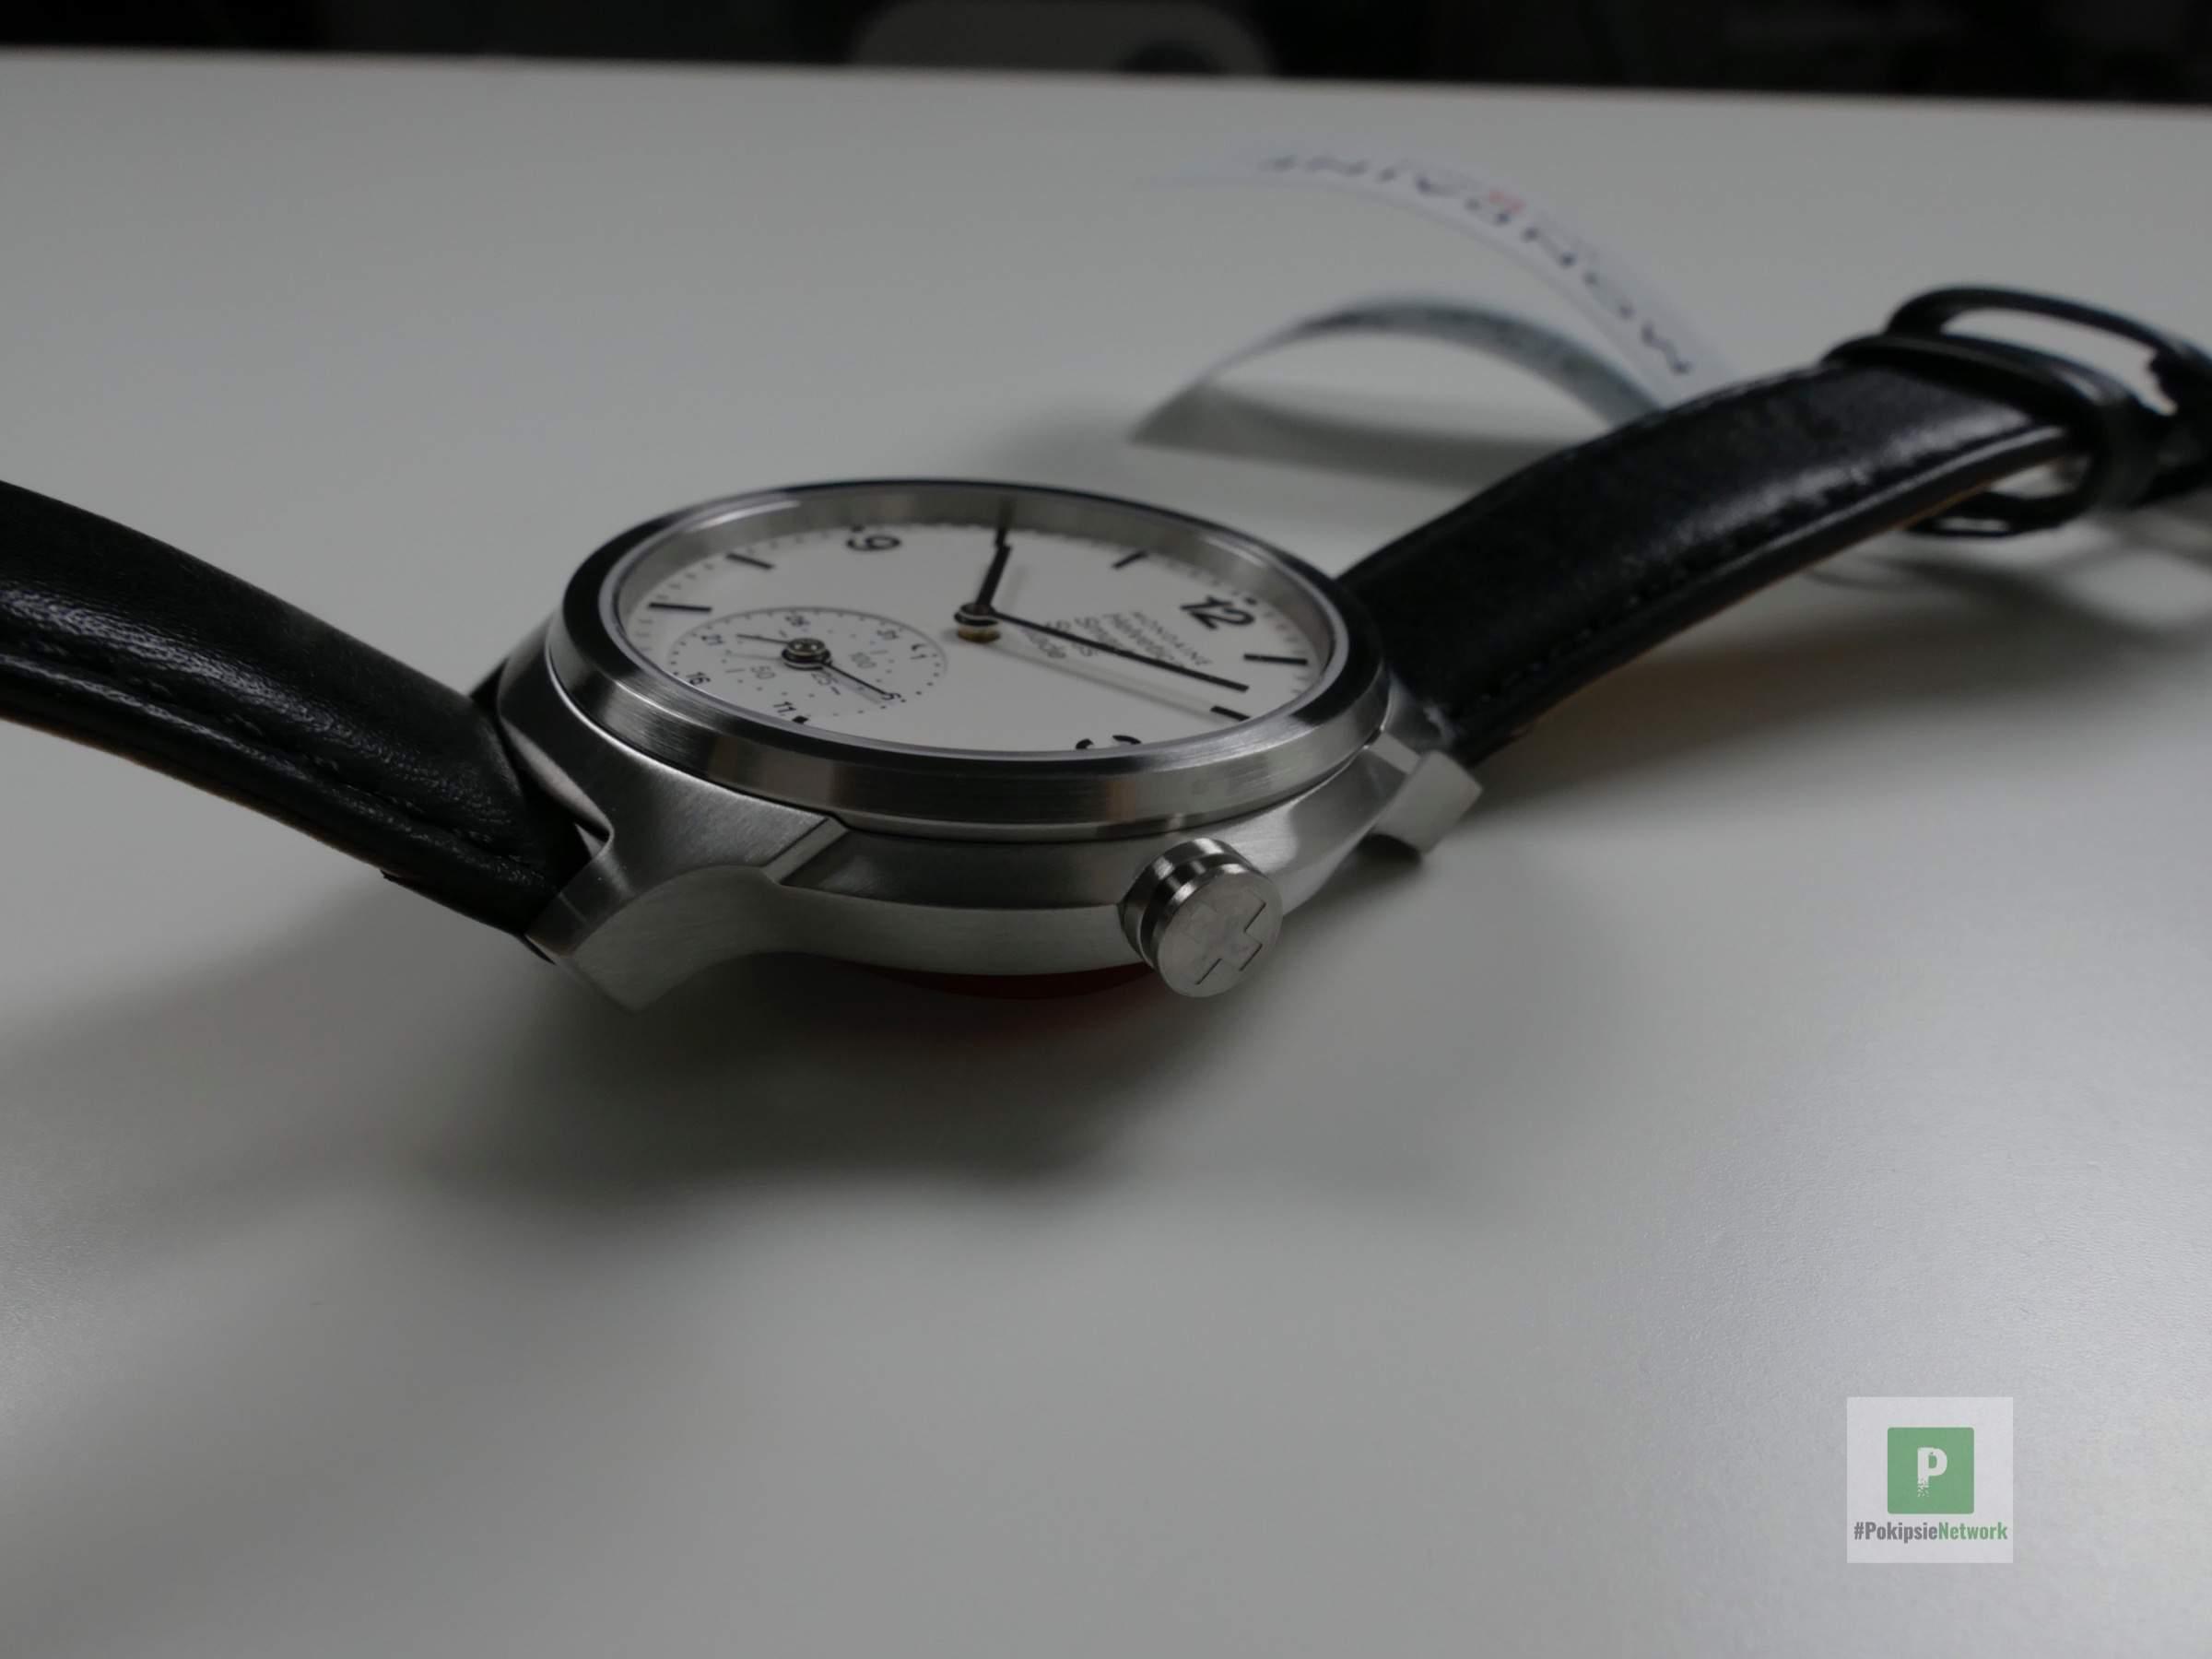 Die Smartwatch